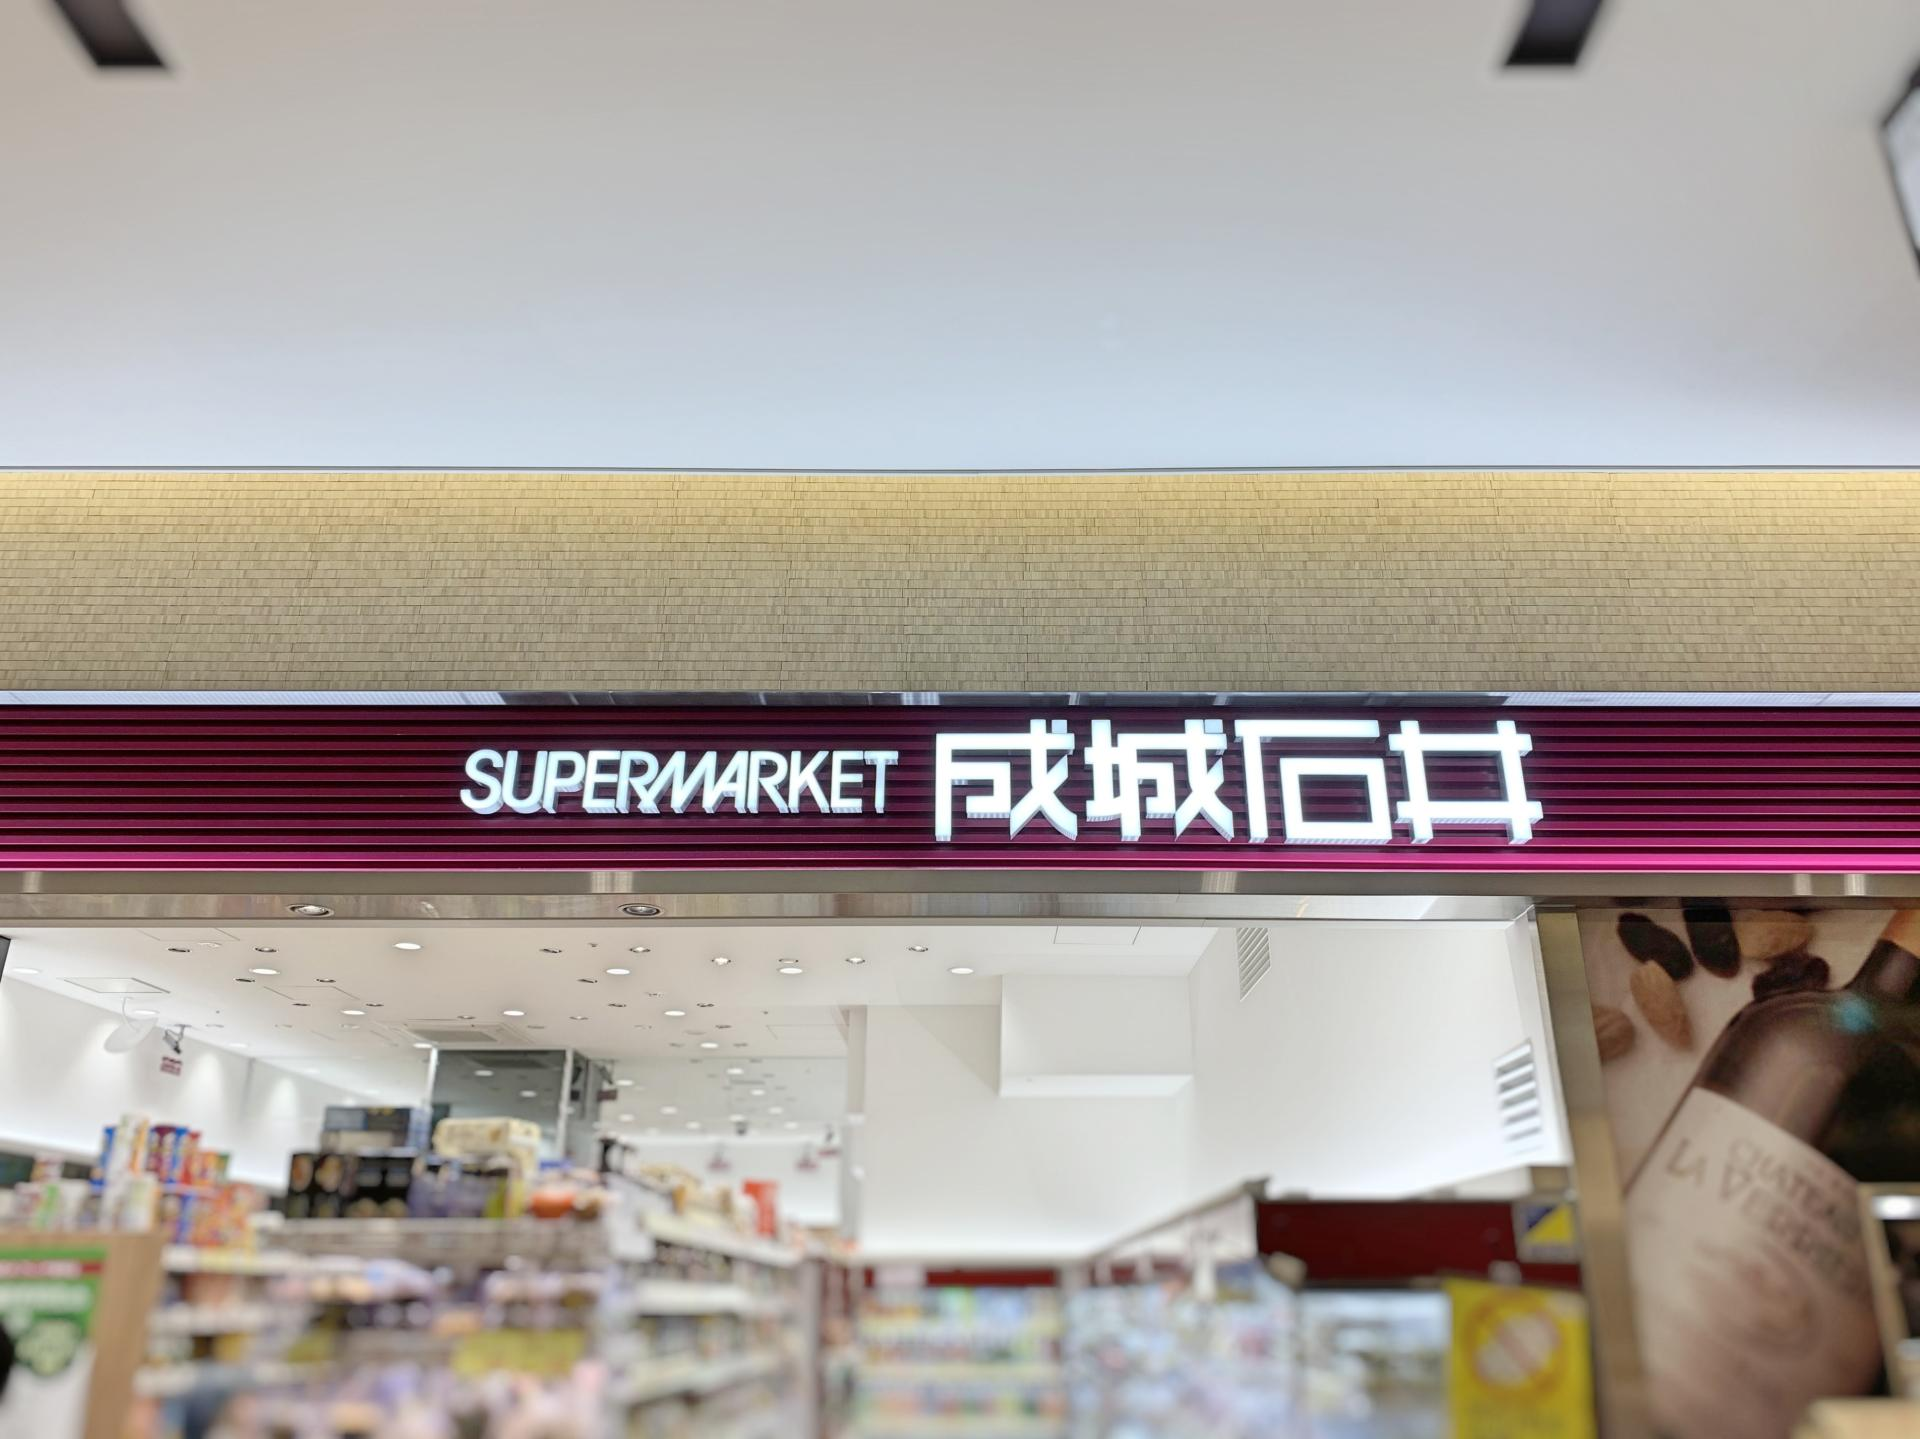 オリジナルグルメ満載【成城石井】自由が丘店の店舗情報まとめ!売れ筋商品は?